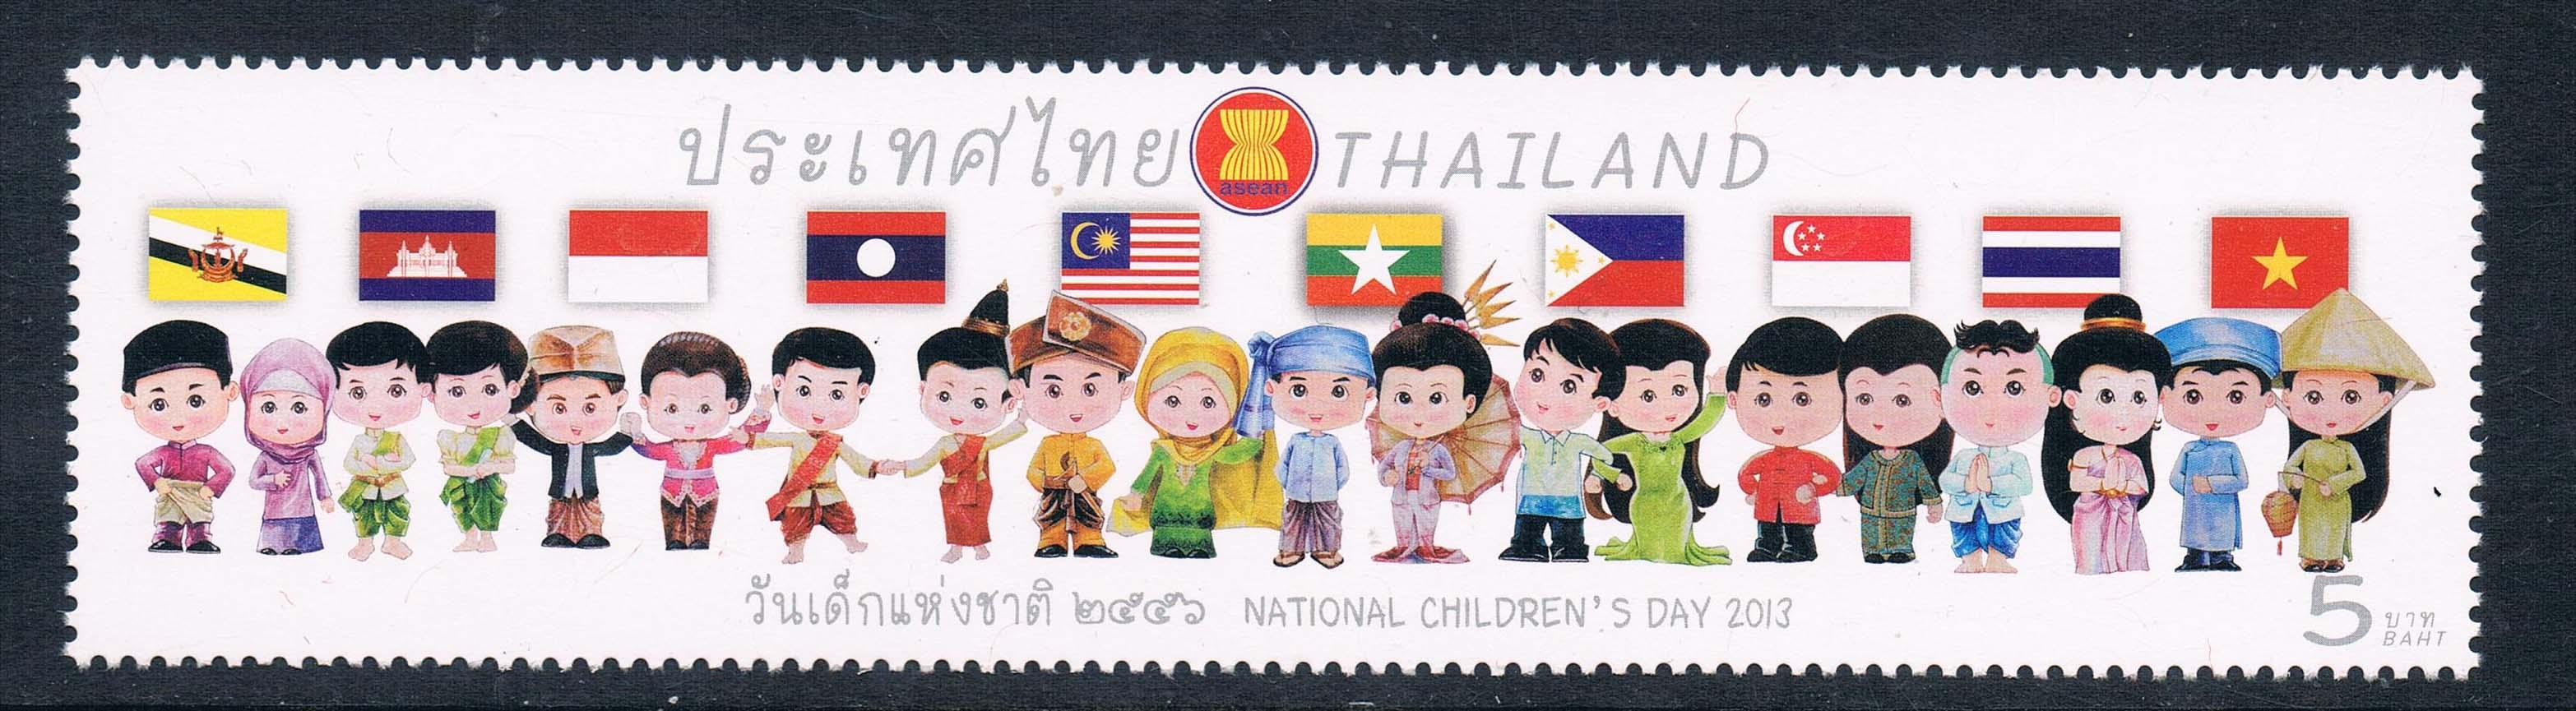 泰国2013东盟国家儿童国旗超长邮票(大图展示)